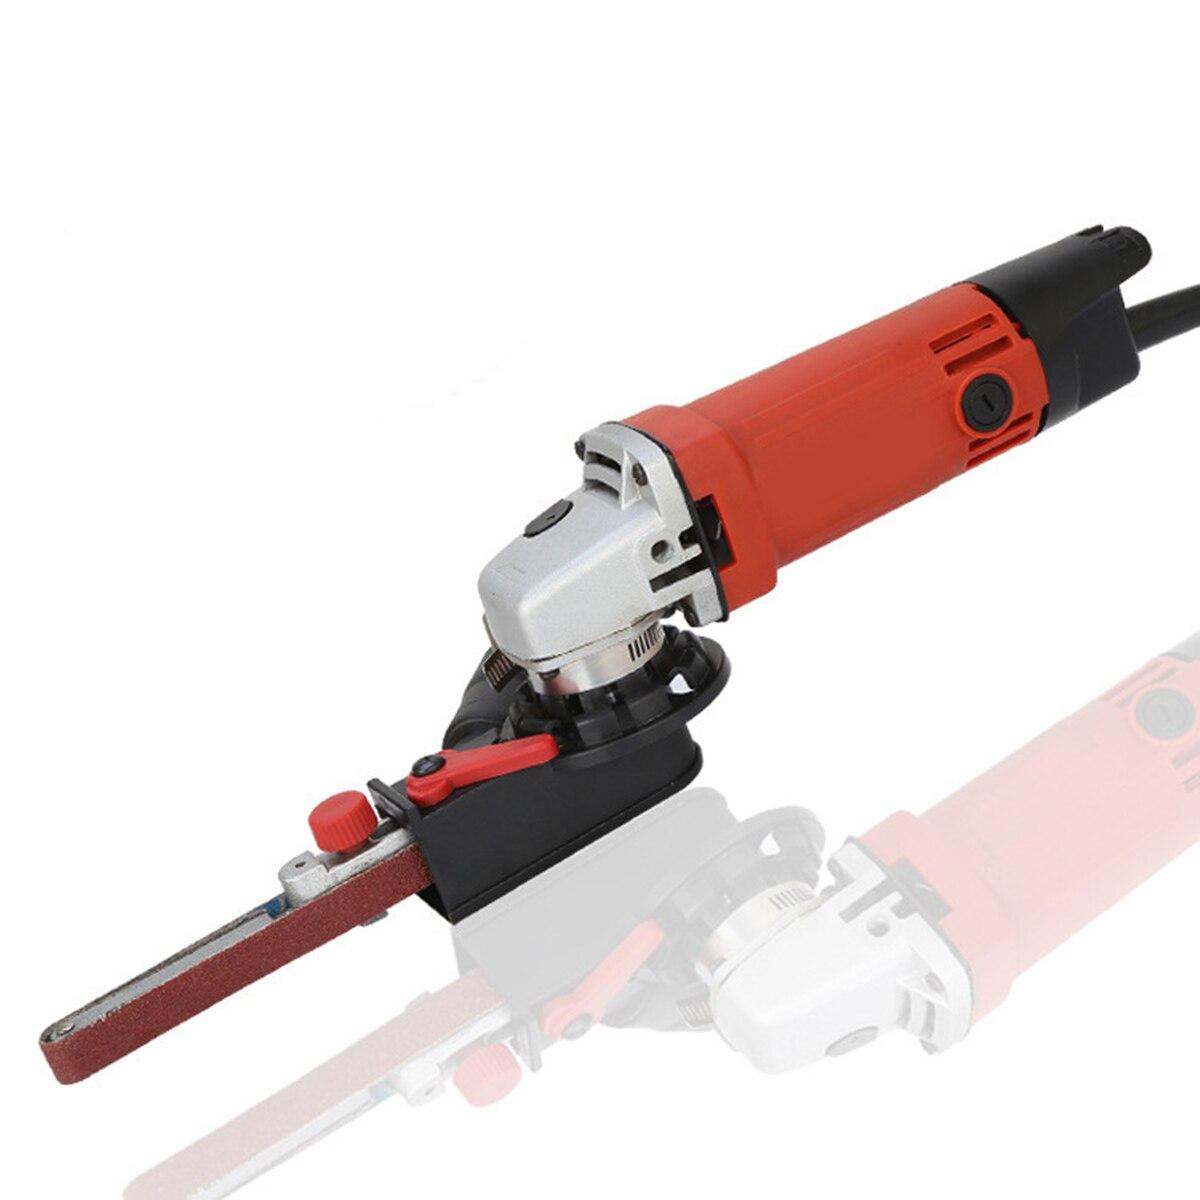 DIY Sander Sanding Belt Adapter For 115 125 Electric Angle GrinderM14 Woodworking Metalwork